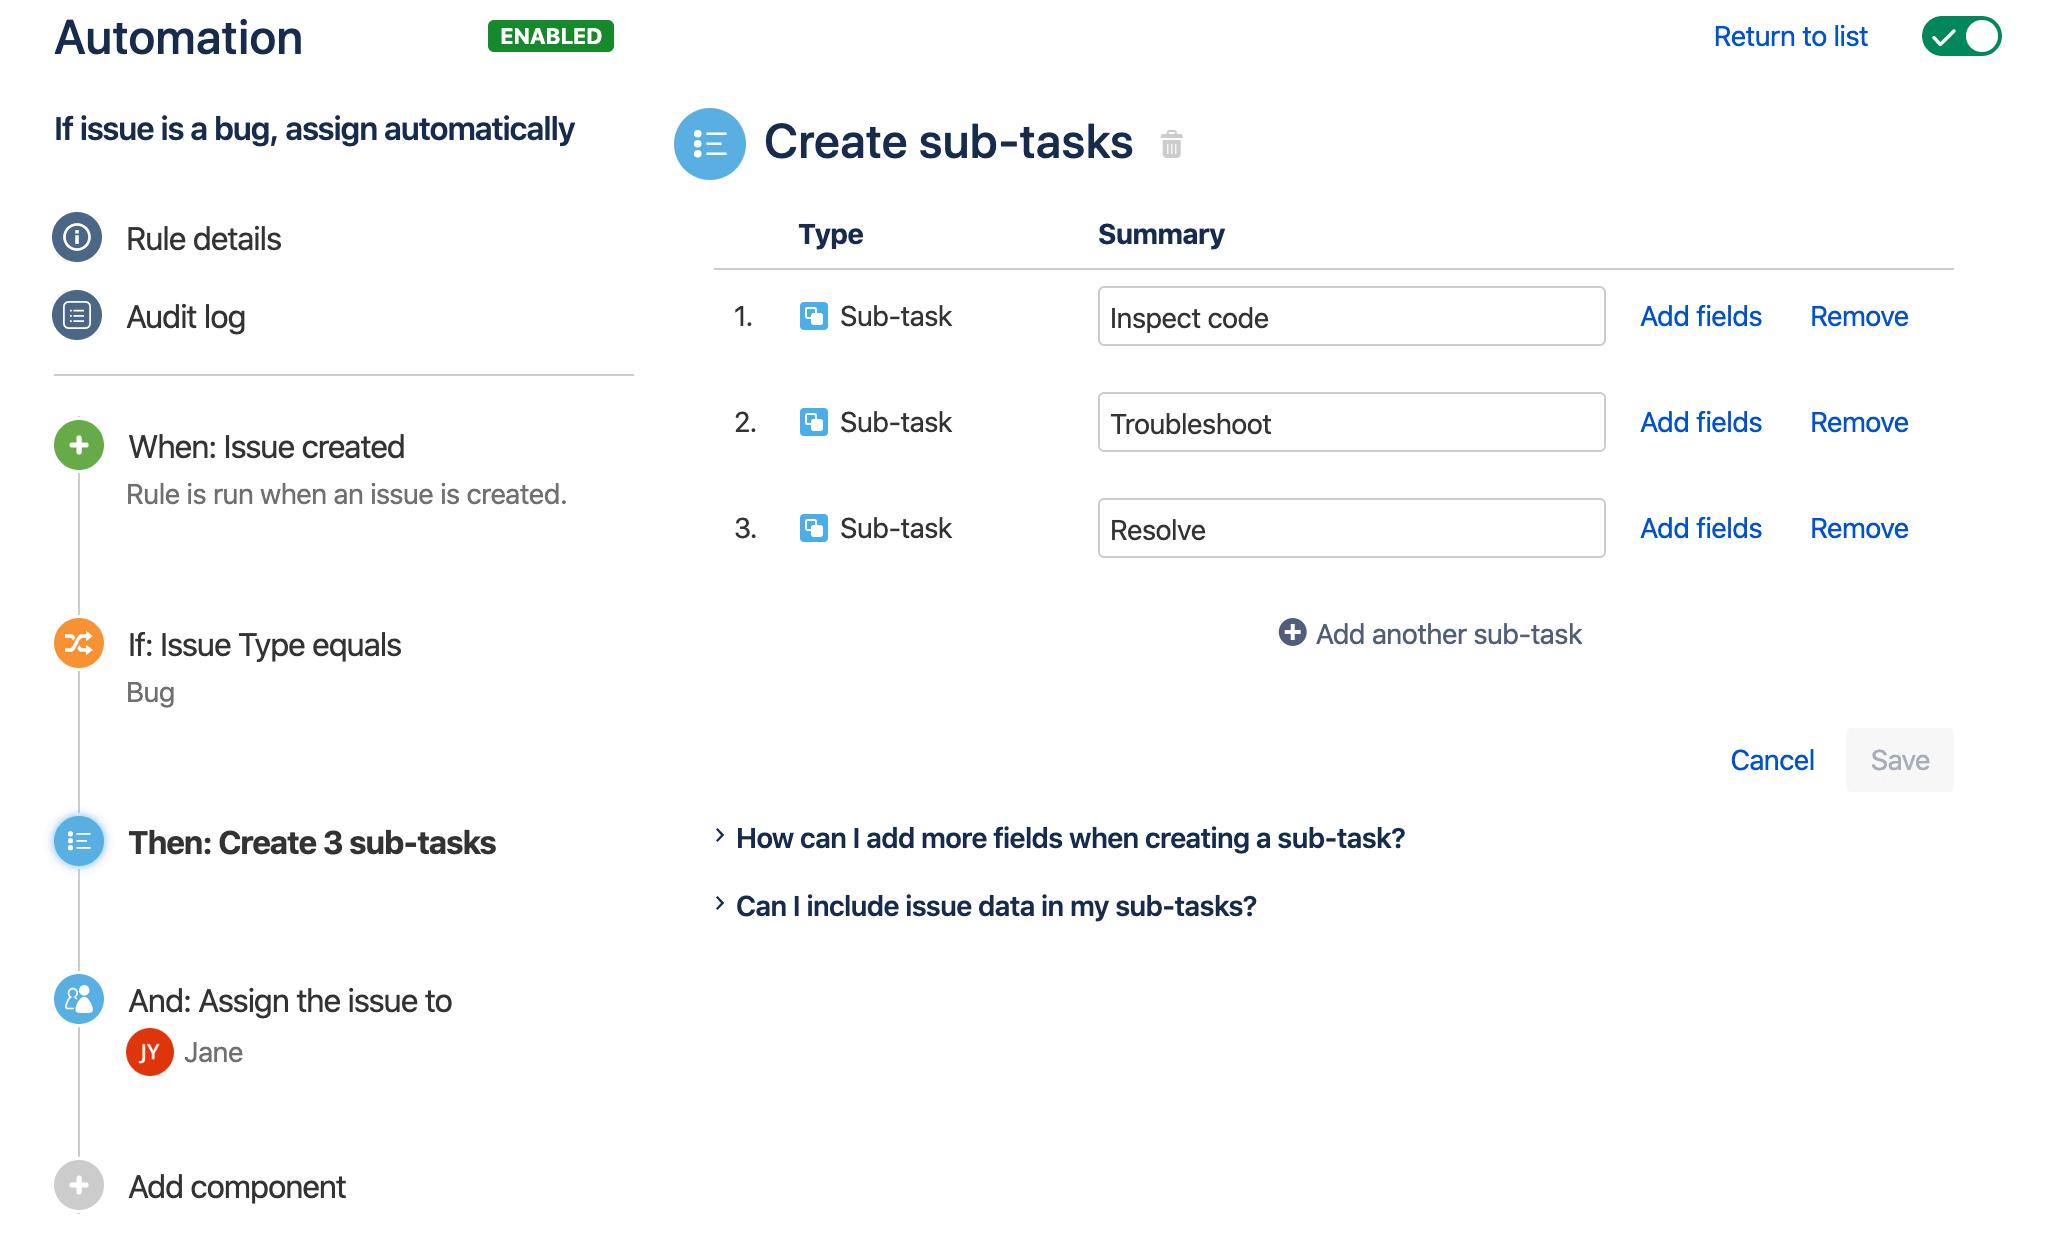 Przykład konstruktora reguł zawierającego prostą regułę do automatycznego dodawania zadań podrzędnych do nowych błędów i przypisywania ich do użytkownika.